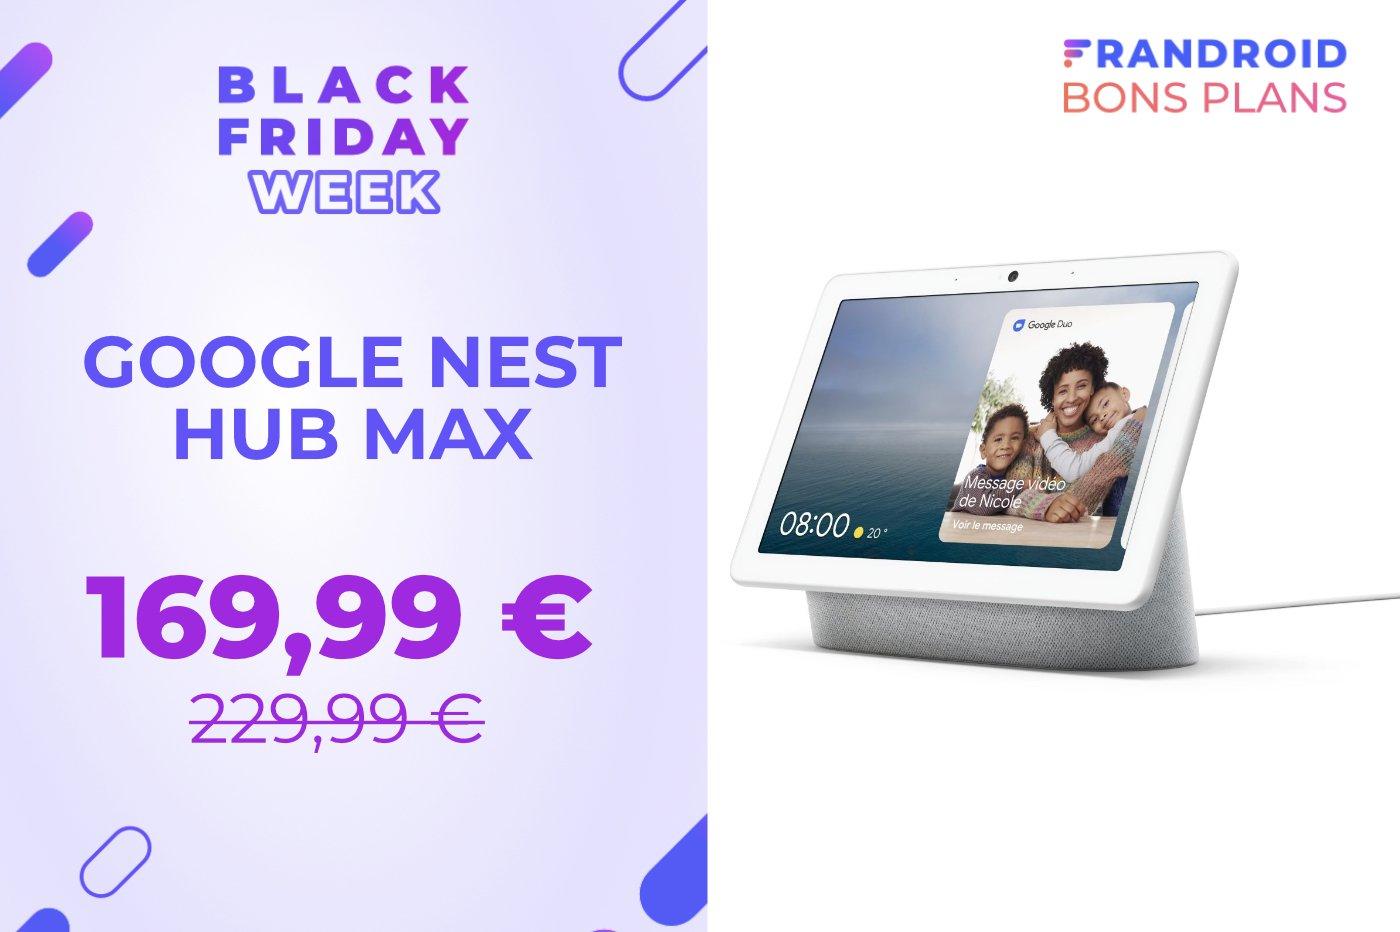 Le Google Nest Hub Max : caméra, écran, assistant... en promo au Black Friday